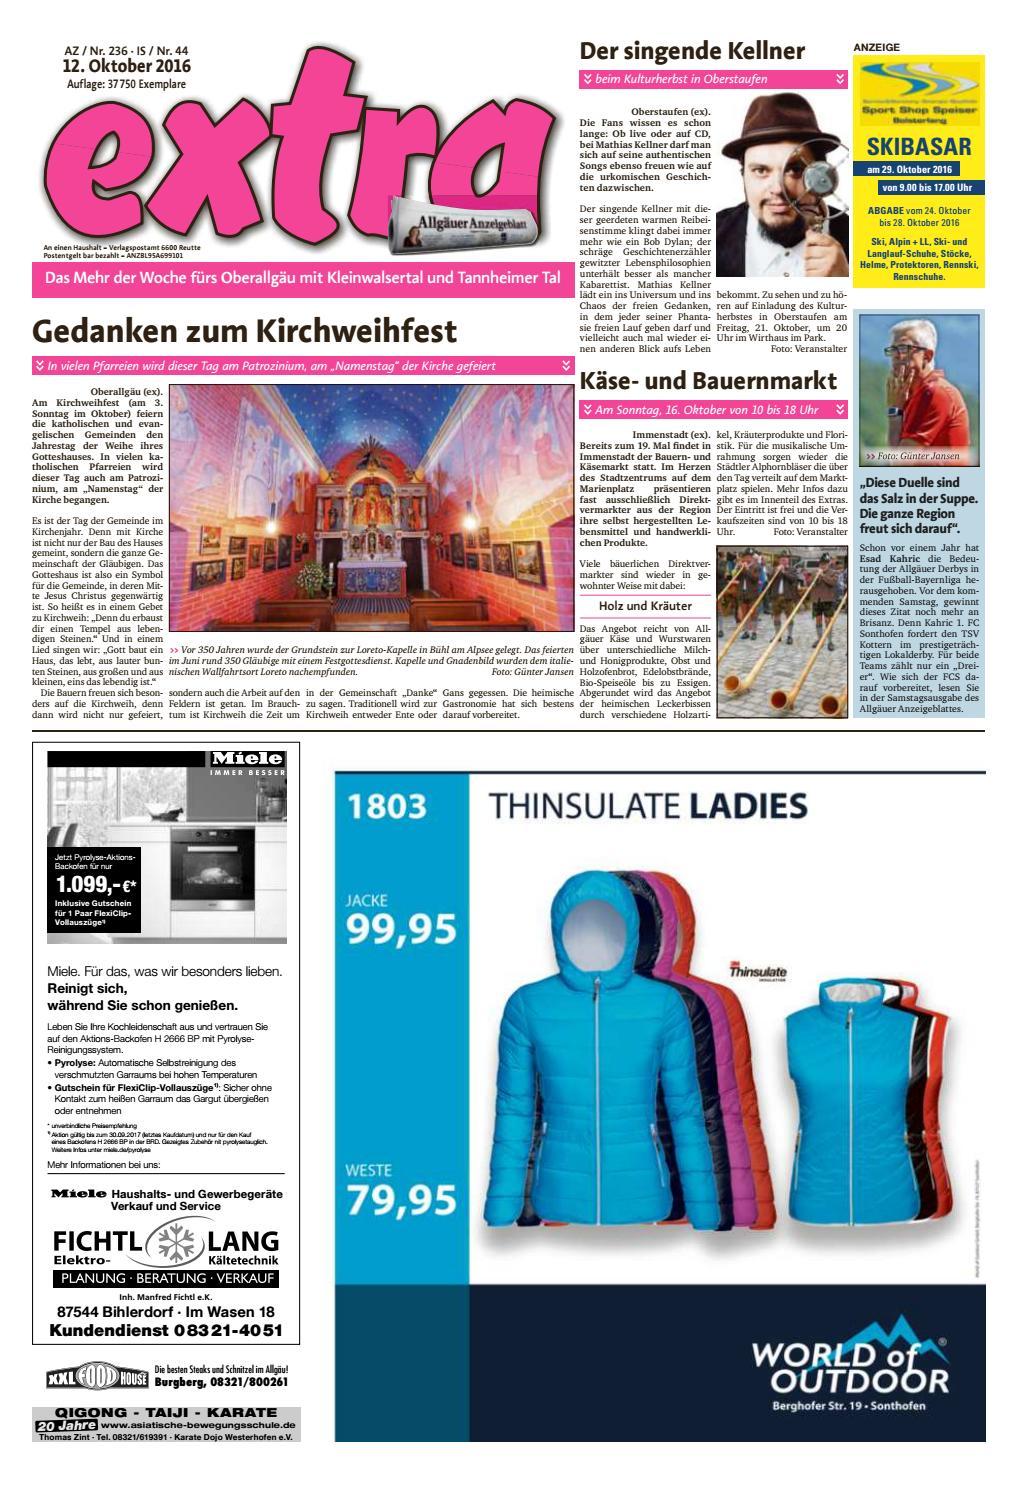 extra Immenstadt vom Mittwoch, 12. Oktober by sign